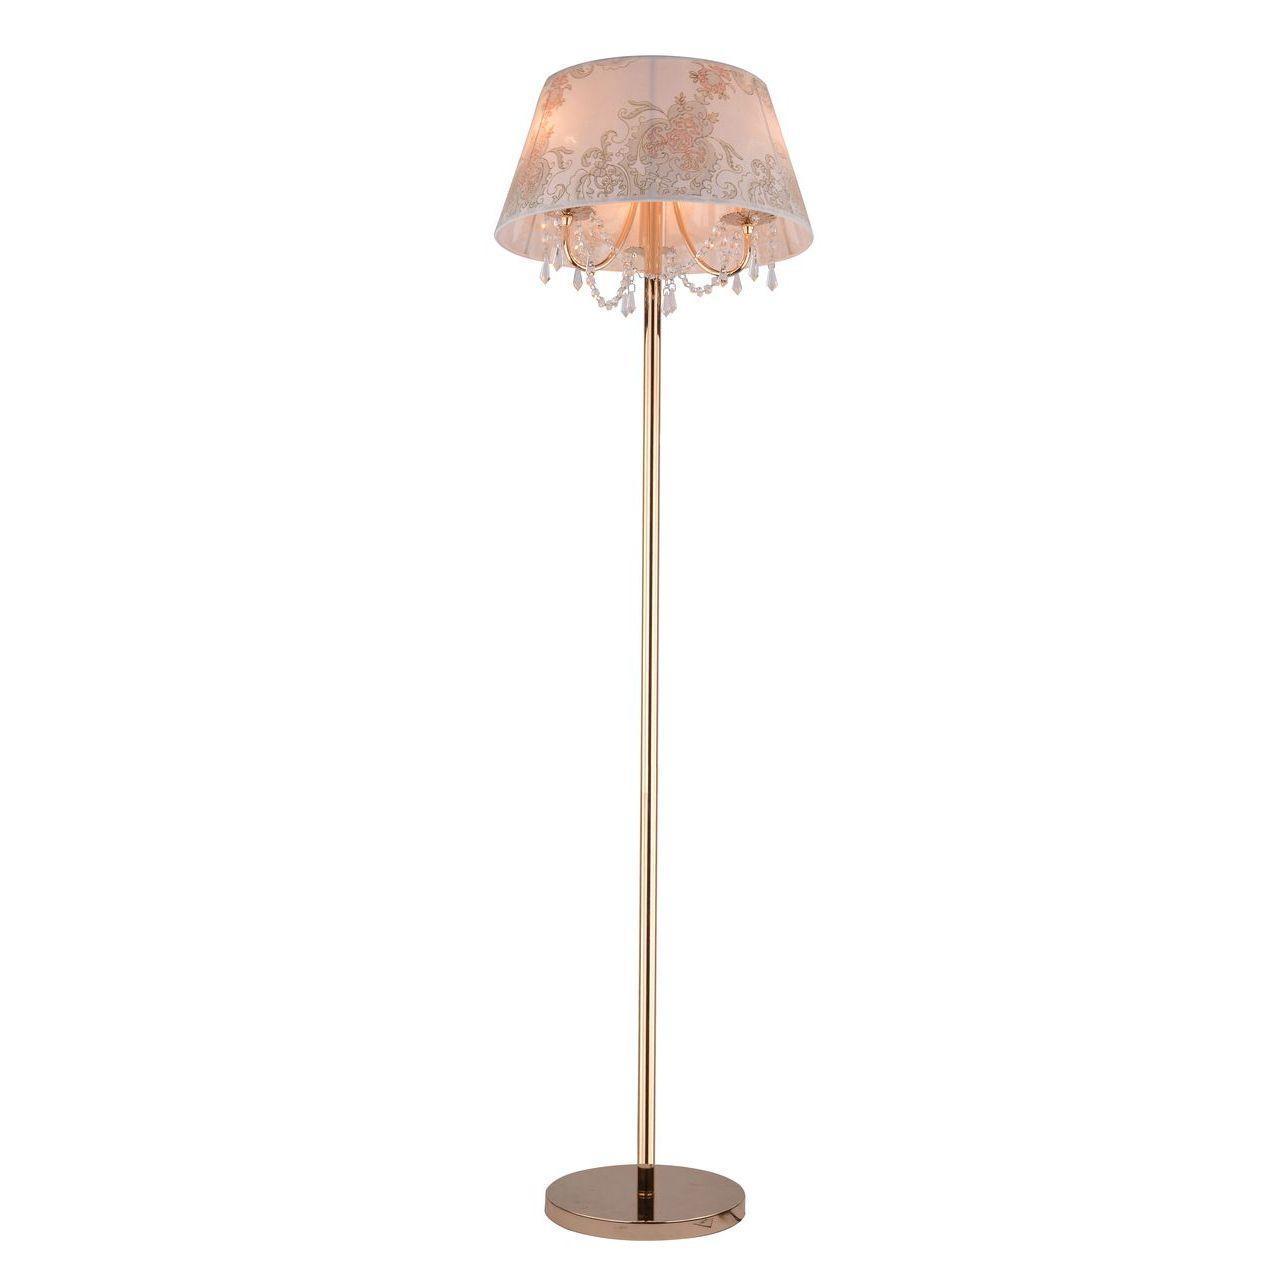 Торшер Arte Lamp Armonico A5008PN-3GO светильник потолочный arte lamp collinetta a9116pl 3go